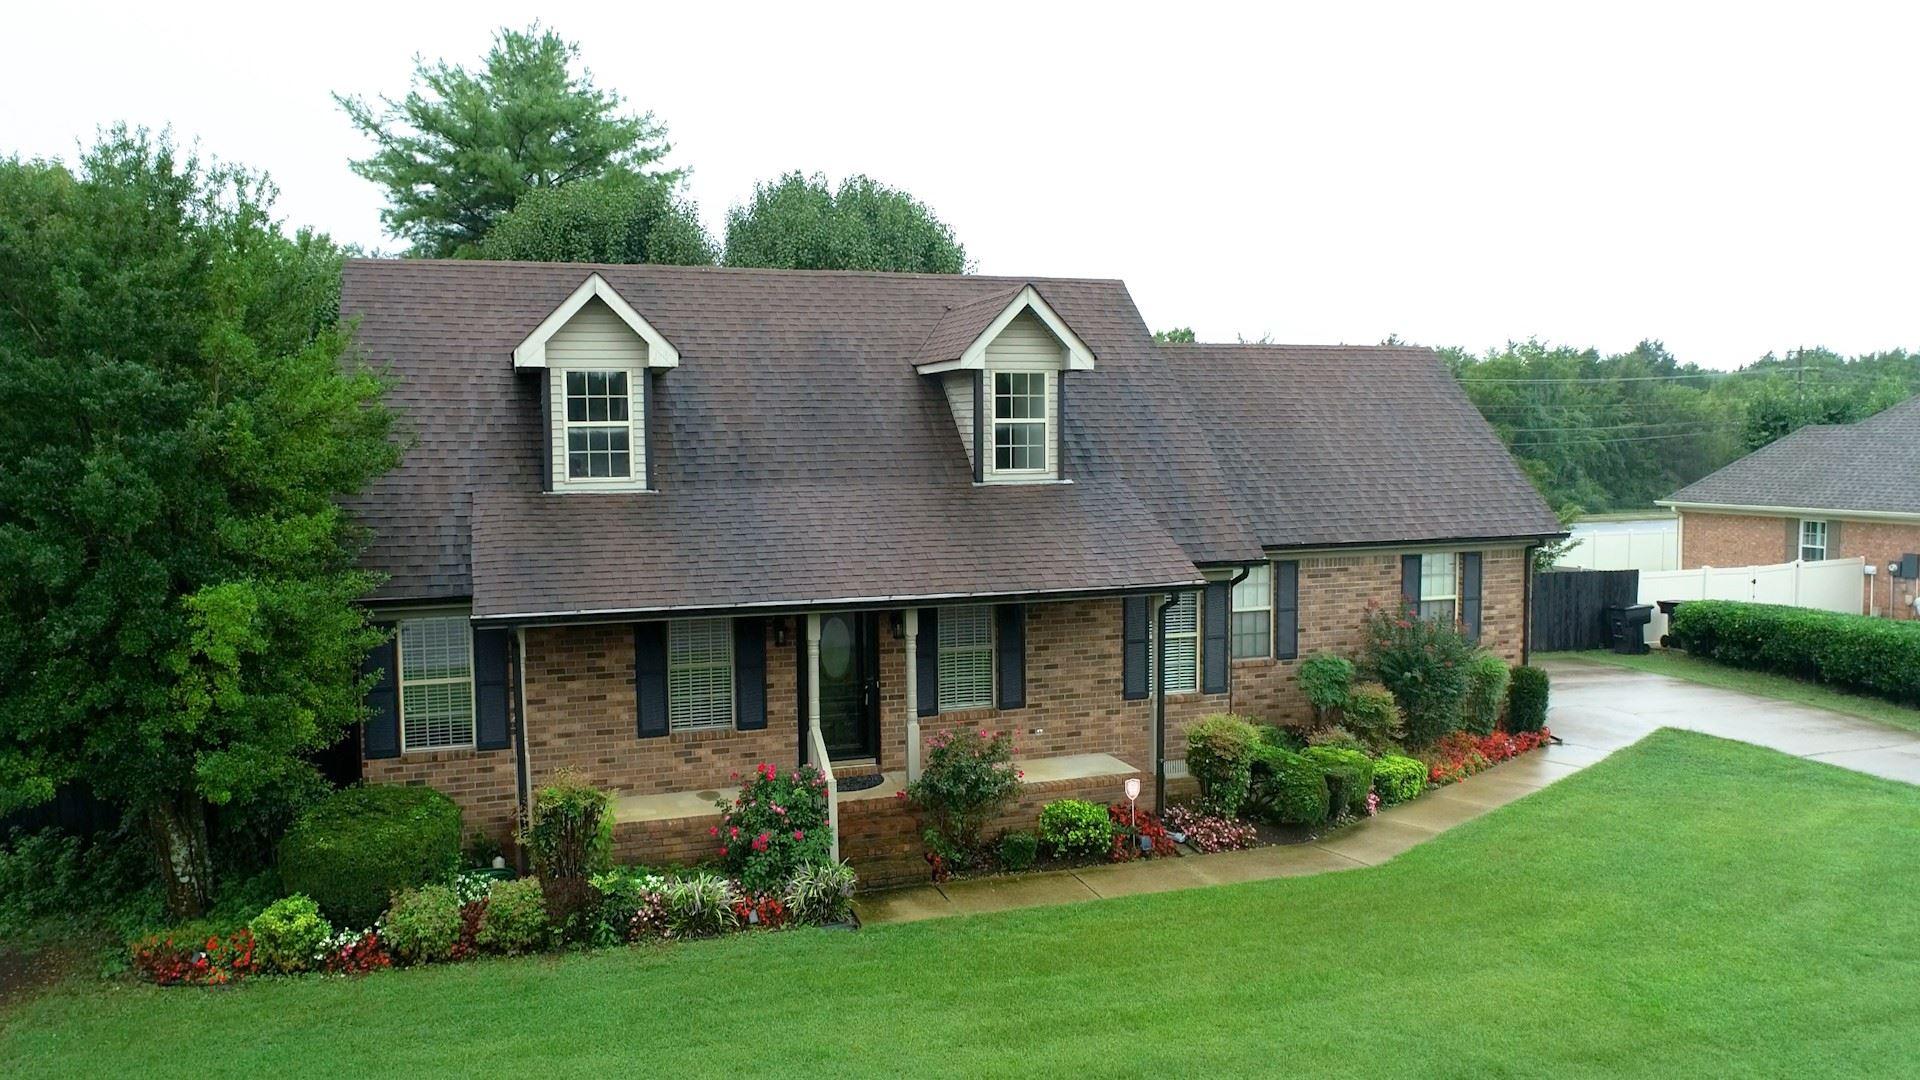 1506 Shadywood Ln, Murfreesboro, TN 37130 - MLS#: 2293694